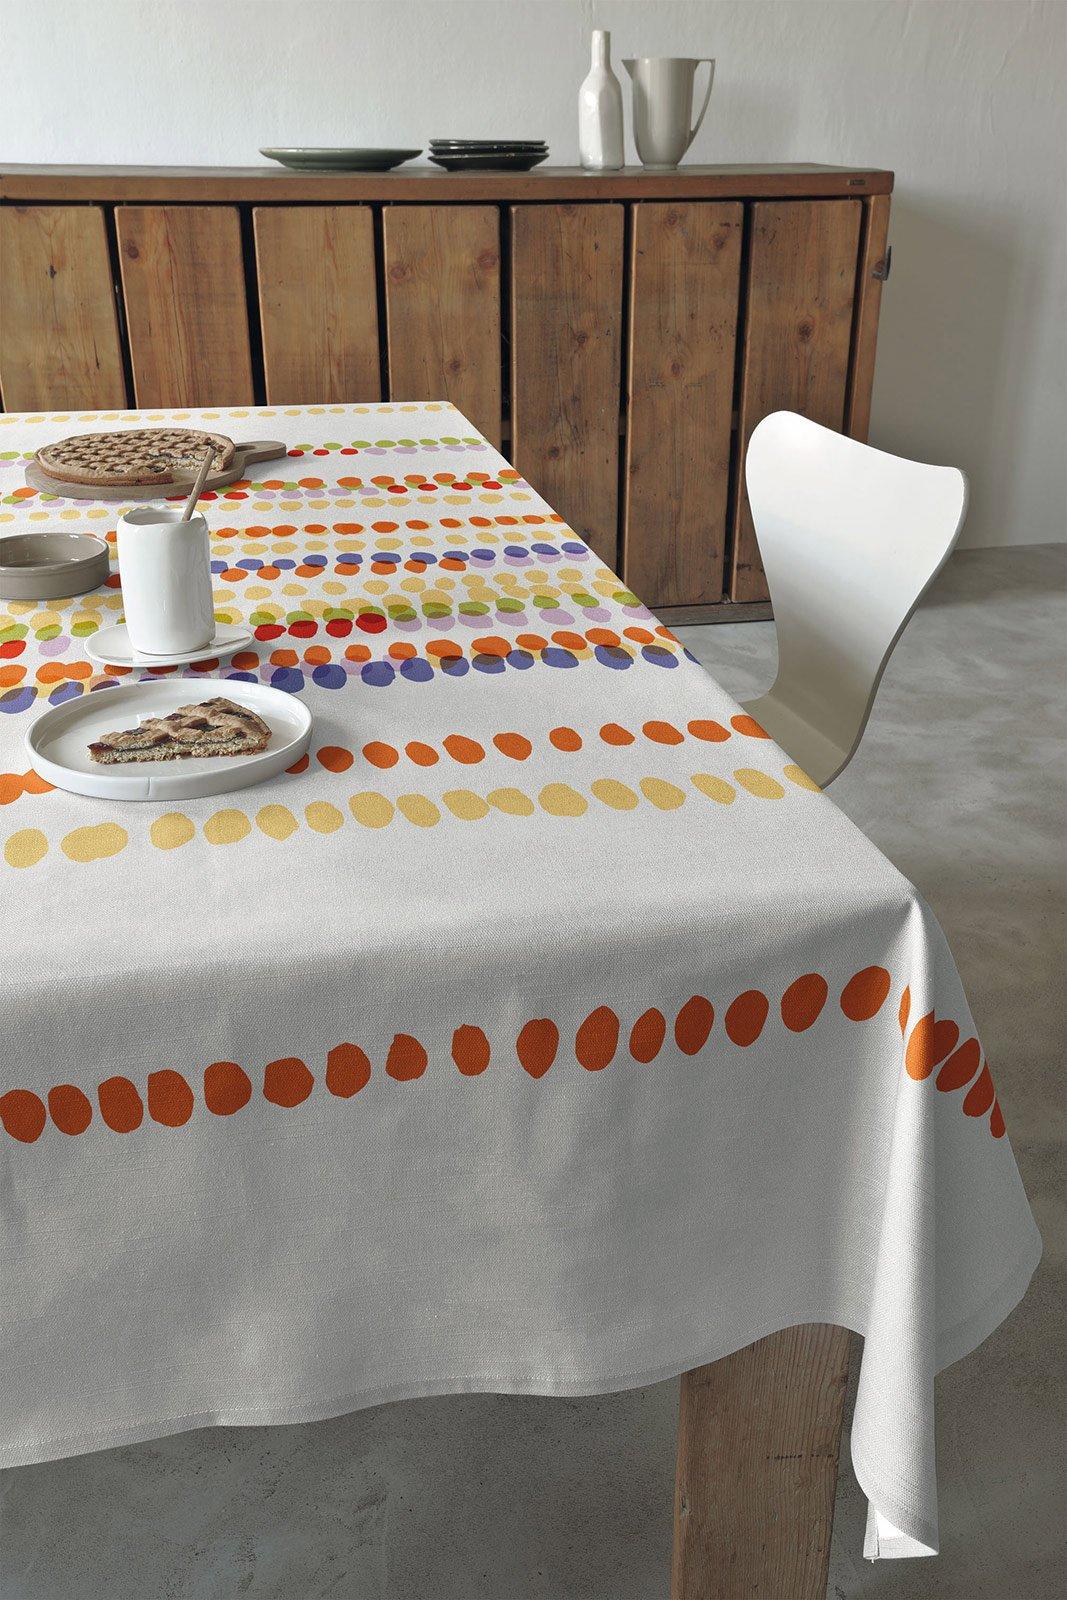 Biancheria tavola bassetti cose di casa for Tavola per cucina